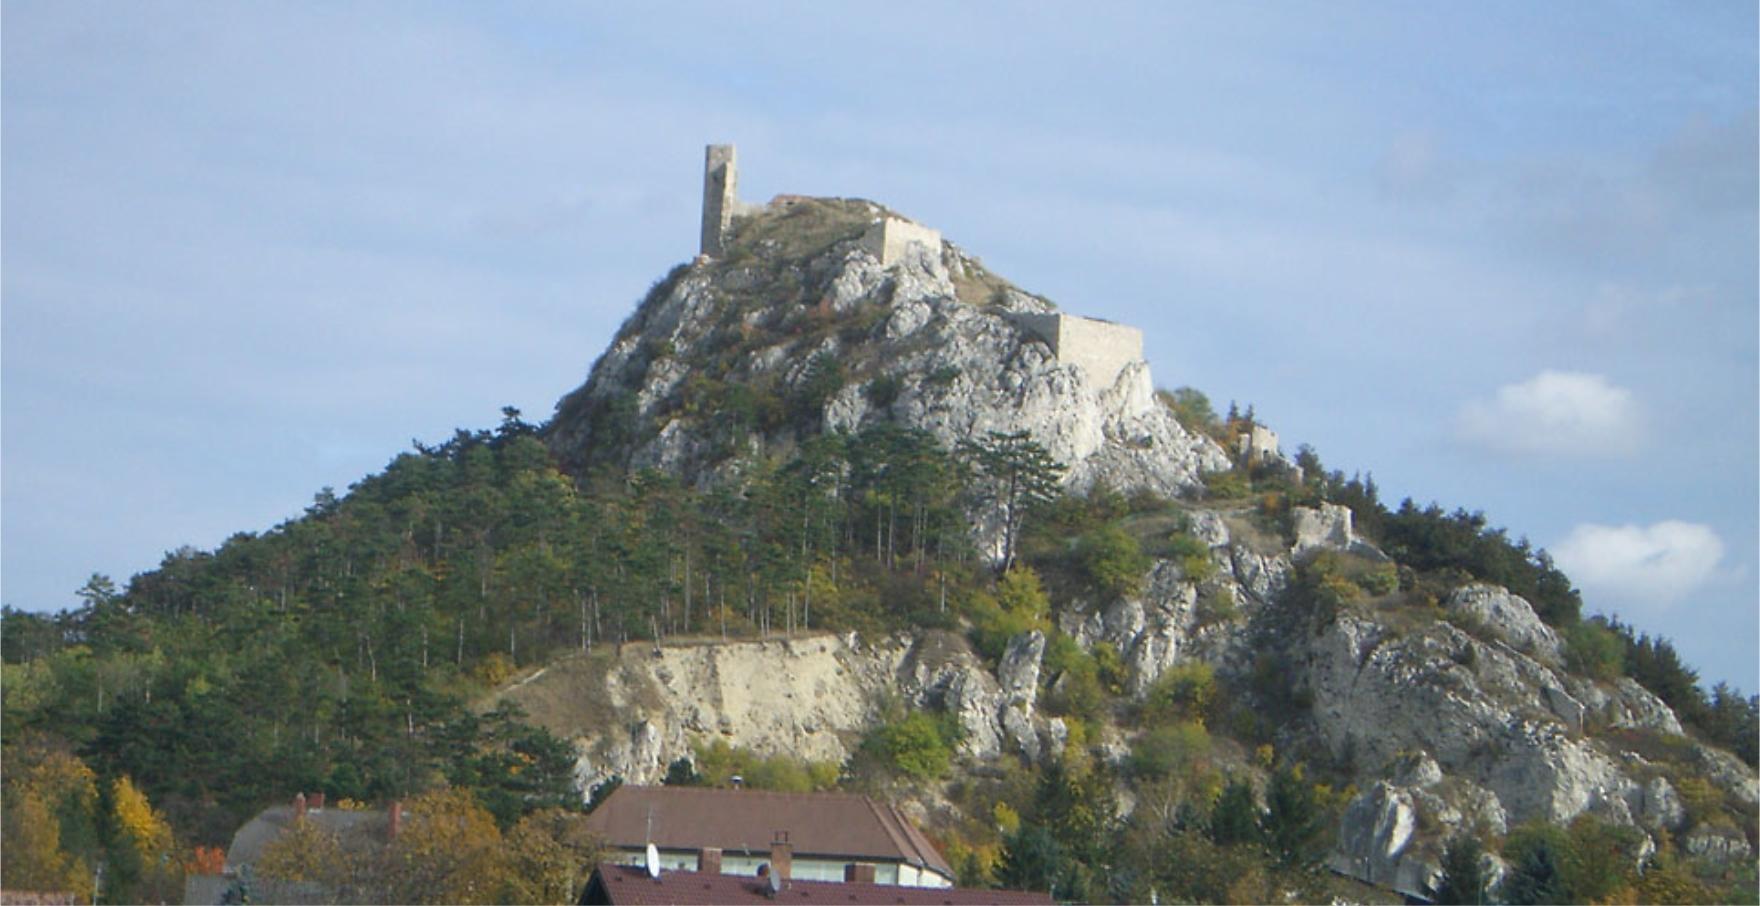 Staatz Ruine